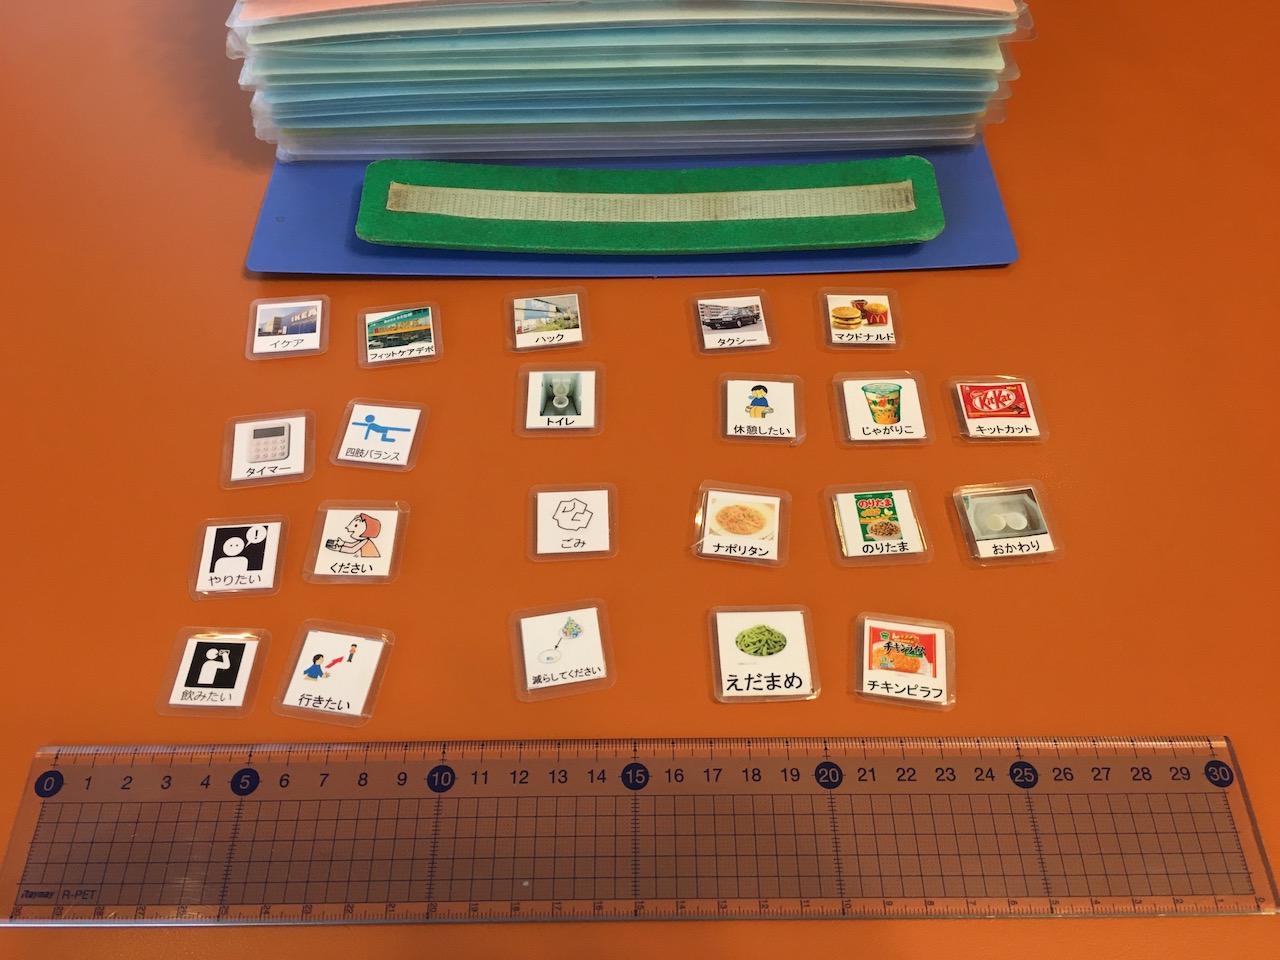 コミュニケーションカード:自閉症の絵カード